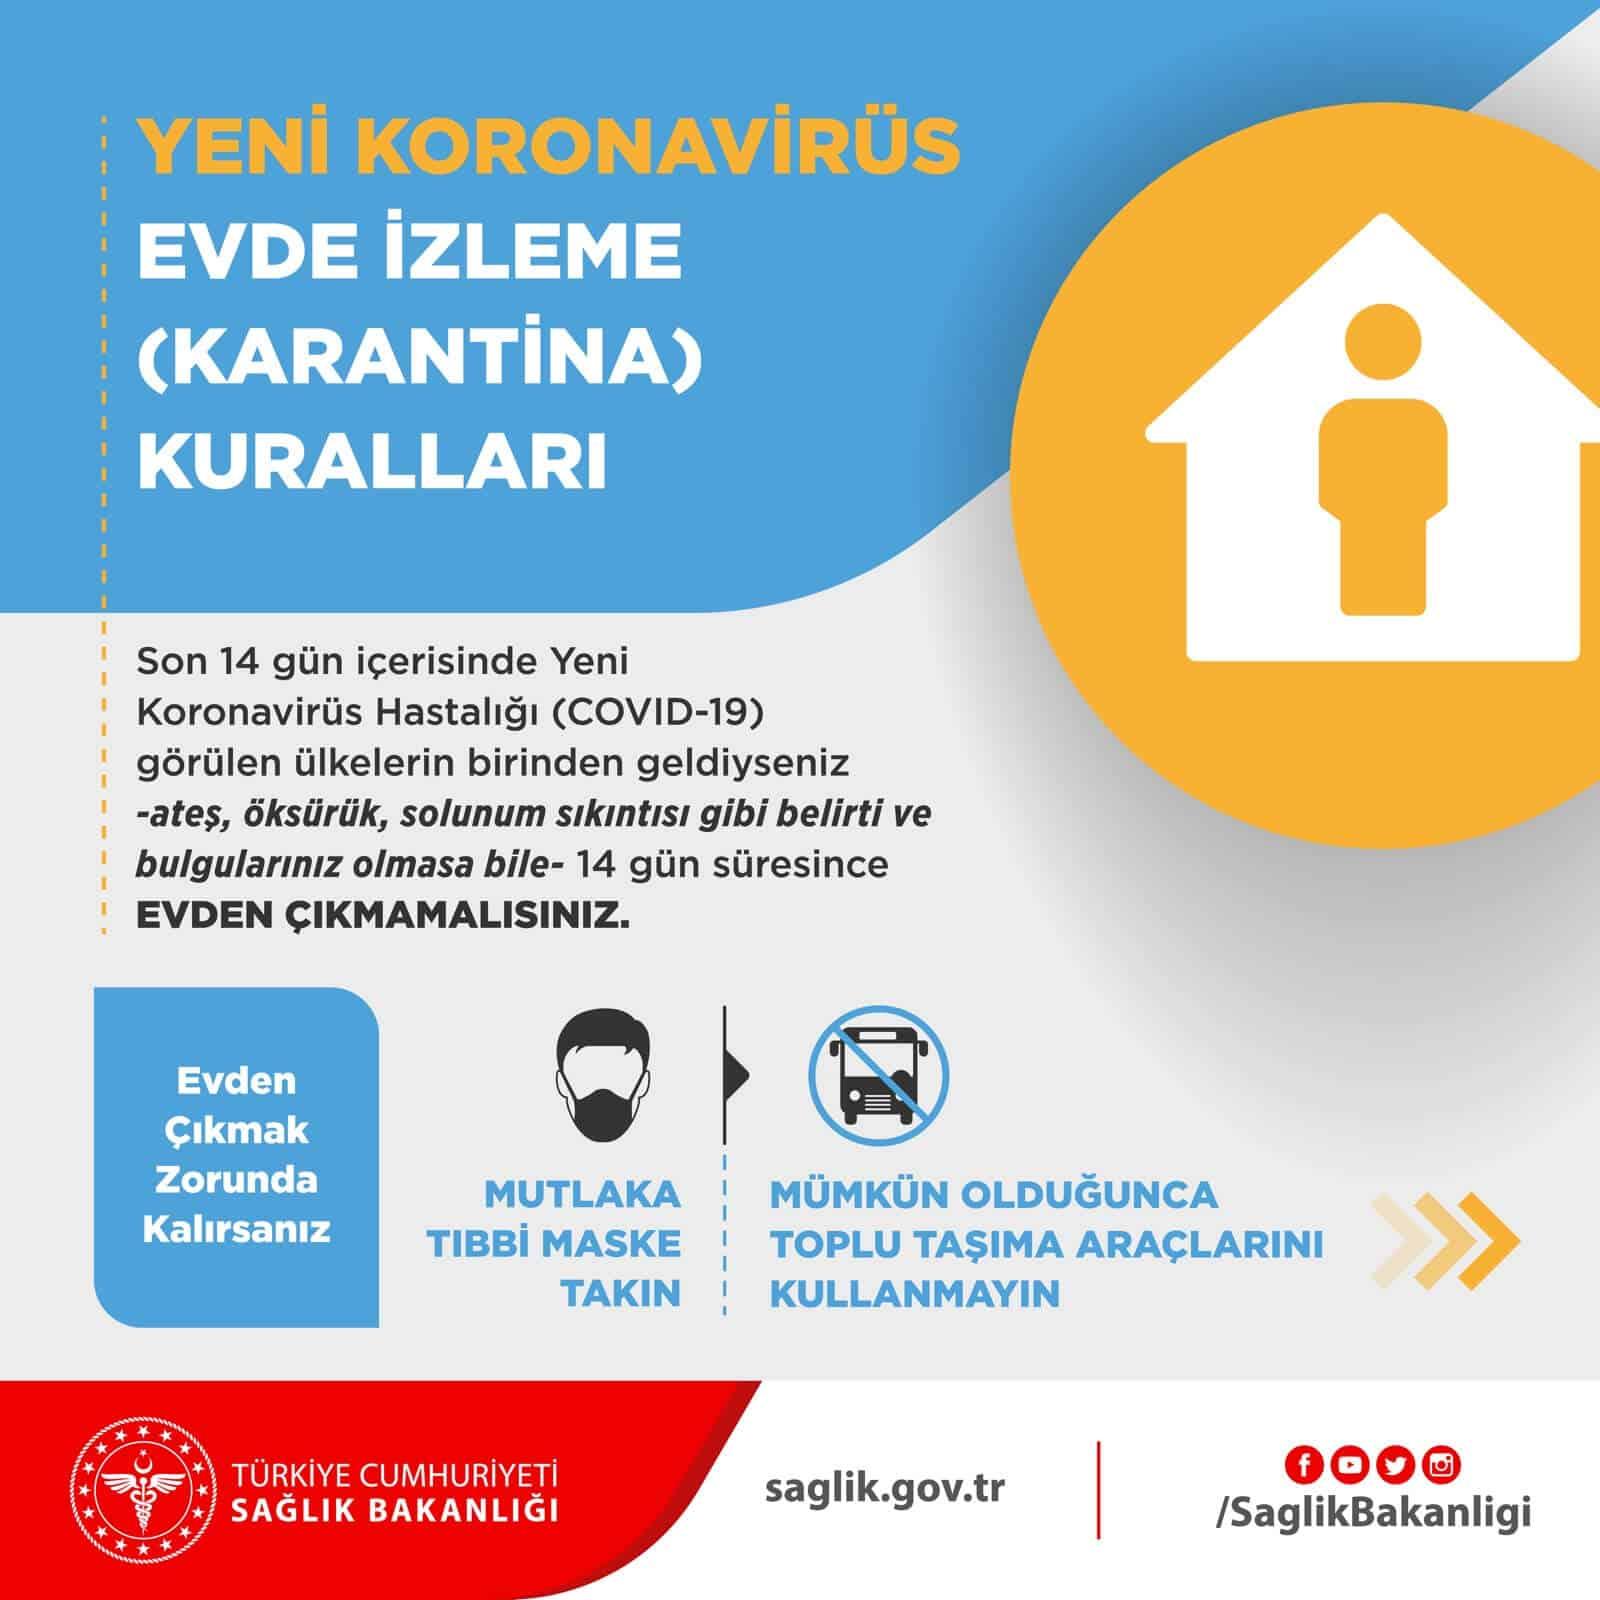 karantina kurallari - Korona Virüse Karşı Ev Temizliği